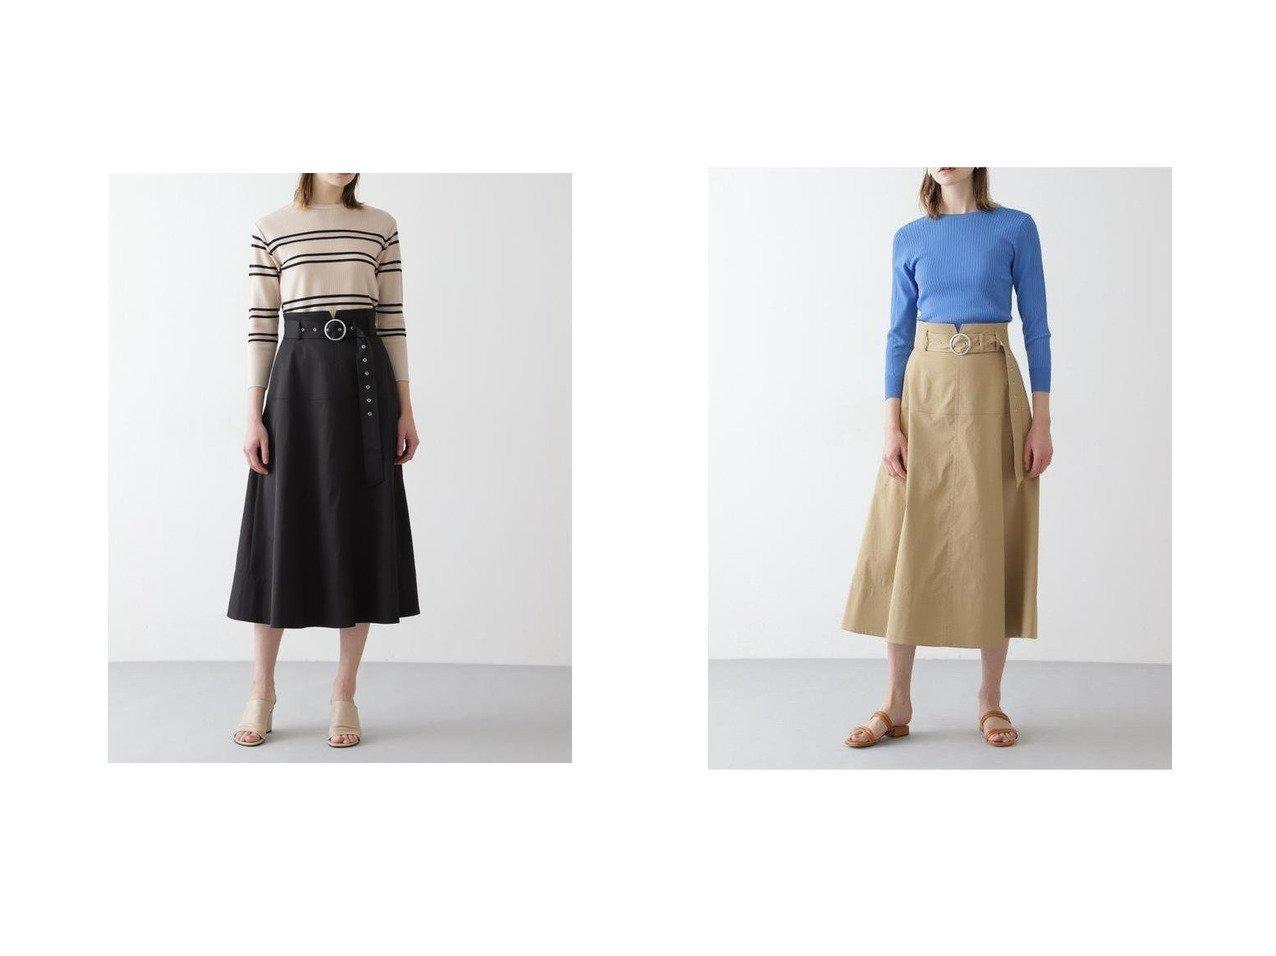 【BOSCH/ボッシュ】のベルト付きチノフレアスカート 【スカート】おすすめ!人気、トレンド・レディースファッションの通販  おすすめで人気の流行・トレンド、ファッションの通販商品 メンズファッション・キッズファッション・インテリア・家具・レディースファッション・服の通販 founy(ファニー) https://founy.com/ ファッション Fashion レディースファッション WOMEN スカート Skirt Aライン/フレアスカート Flared A-Line Skirts ベルト Belts NEW・新作・新着・新入荷 New Arrivals ギャザー スタンダード タンブラー ツイル フレア |ID:crp329100000033936